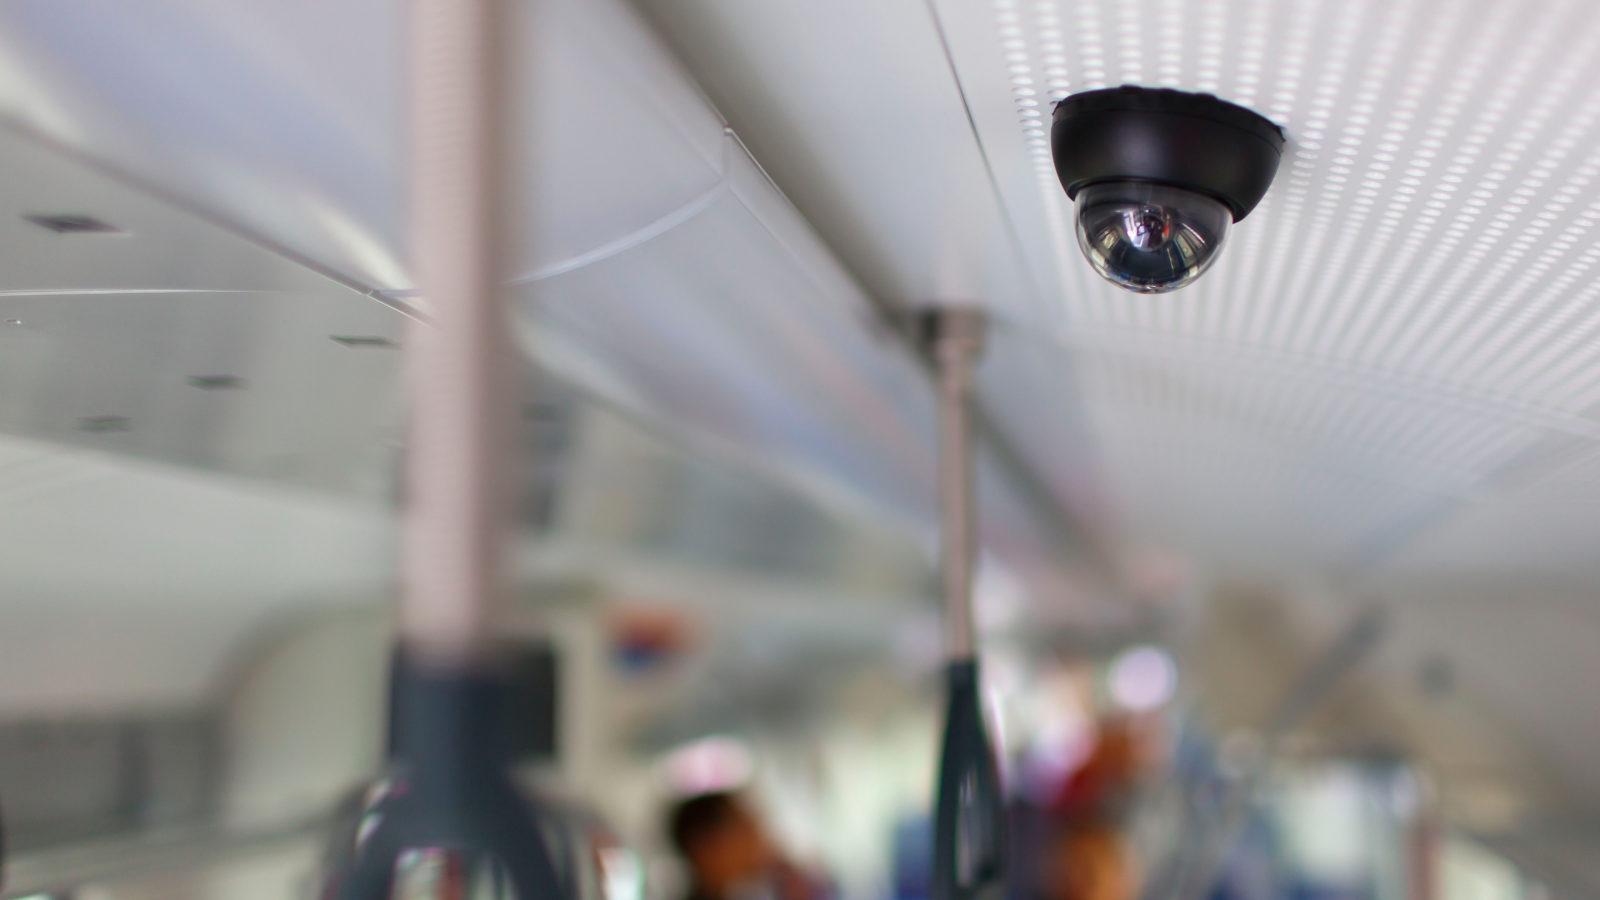 Videokameras: Viele Fahrgäste wünschen sich Videoüberwachung im Zug